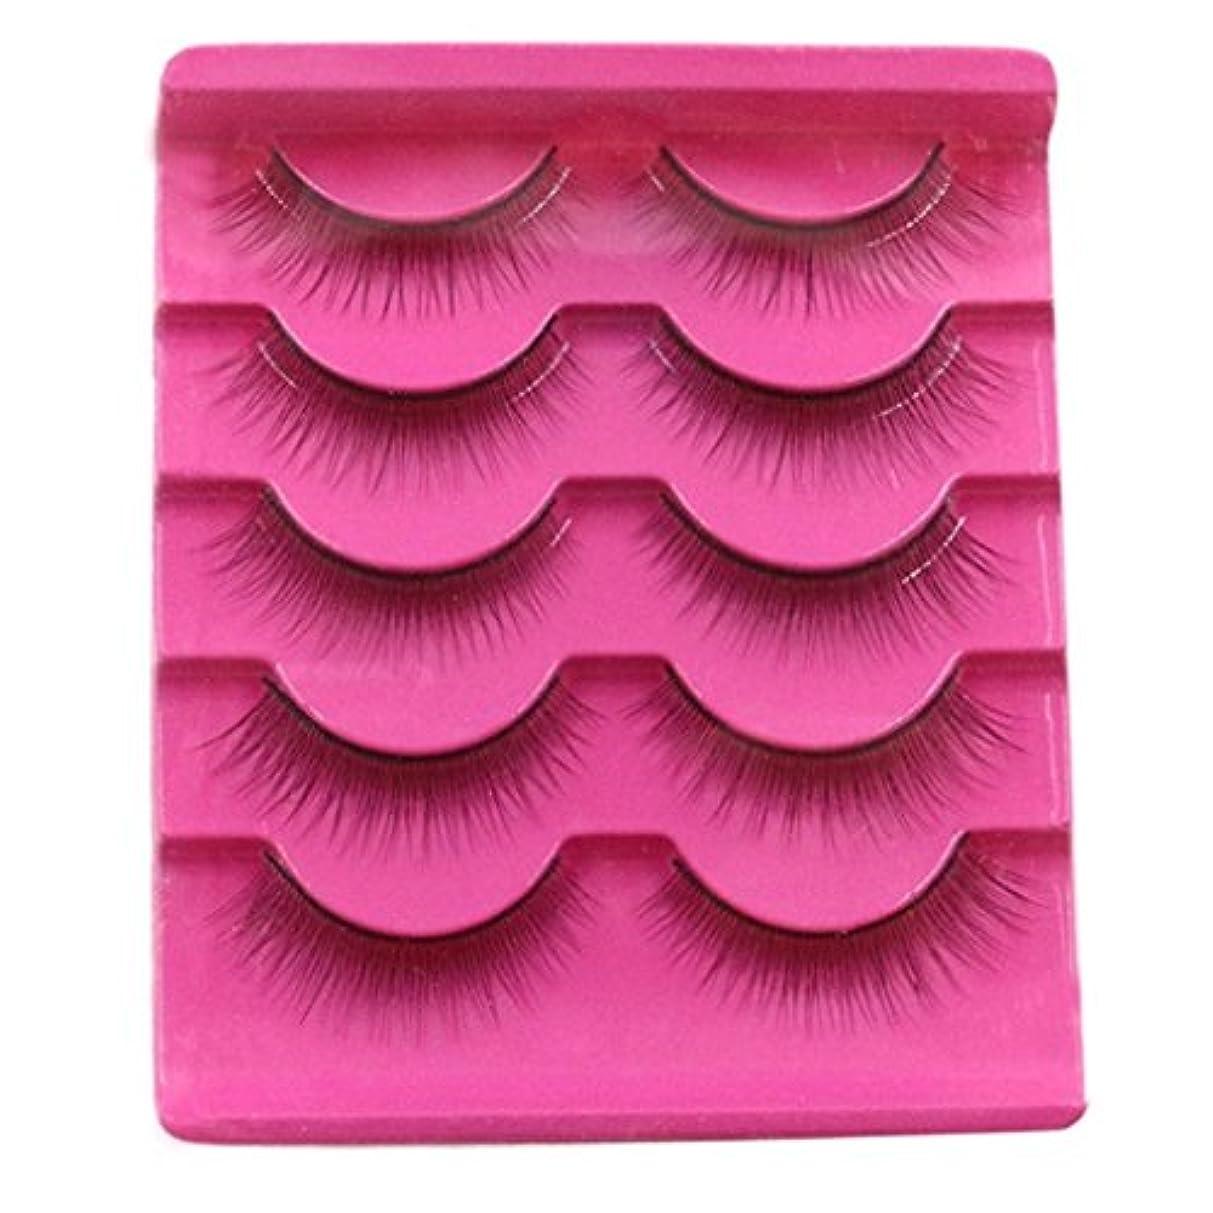 Feteso 5ペア つけまつげ 上まつげ Eyelashes アイラッシュ ビューティー まつげエクステ レディース 化粧ツール アイメイクアップ 人気 ナチュラル ふんわり 装着簡単 綺麗 極薄